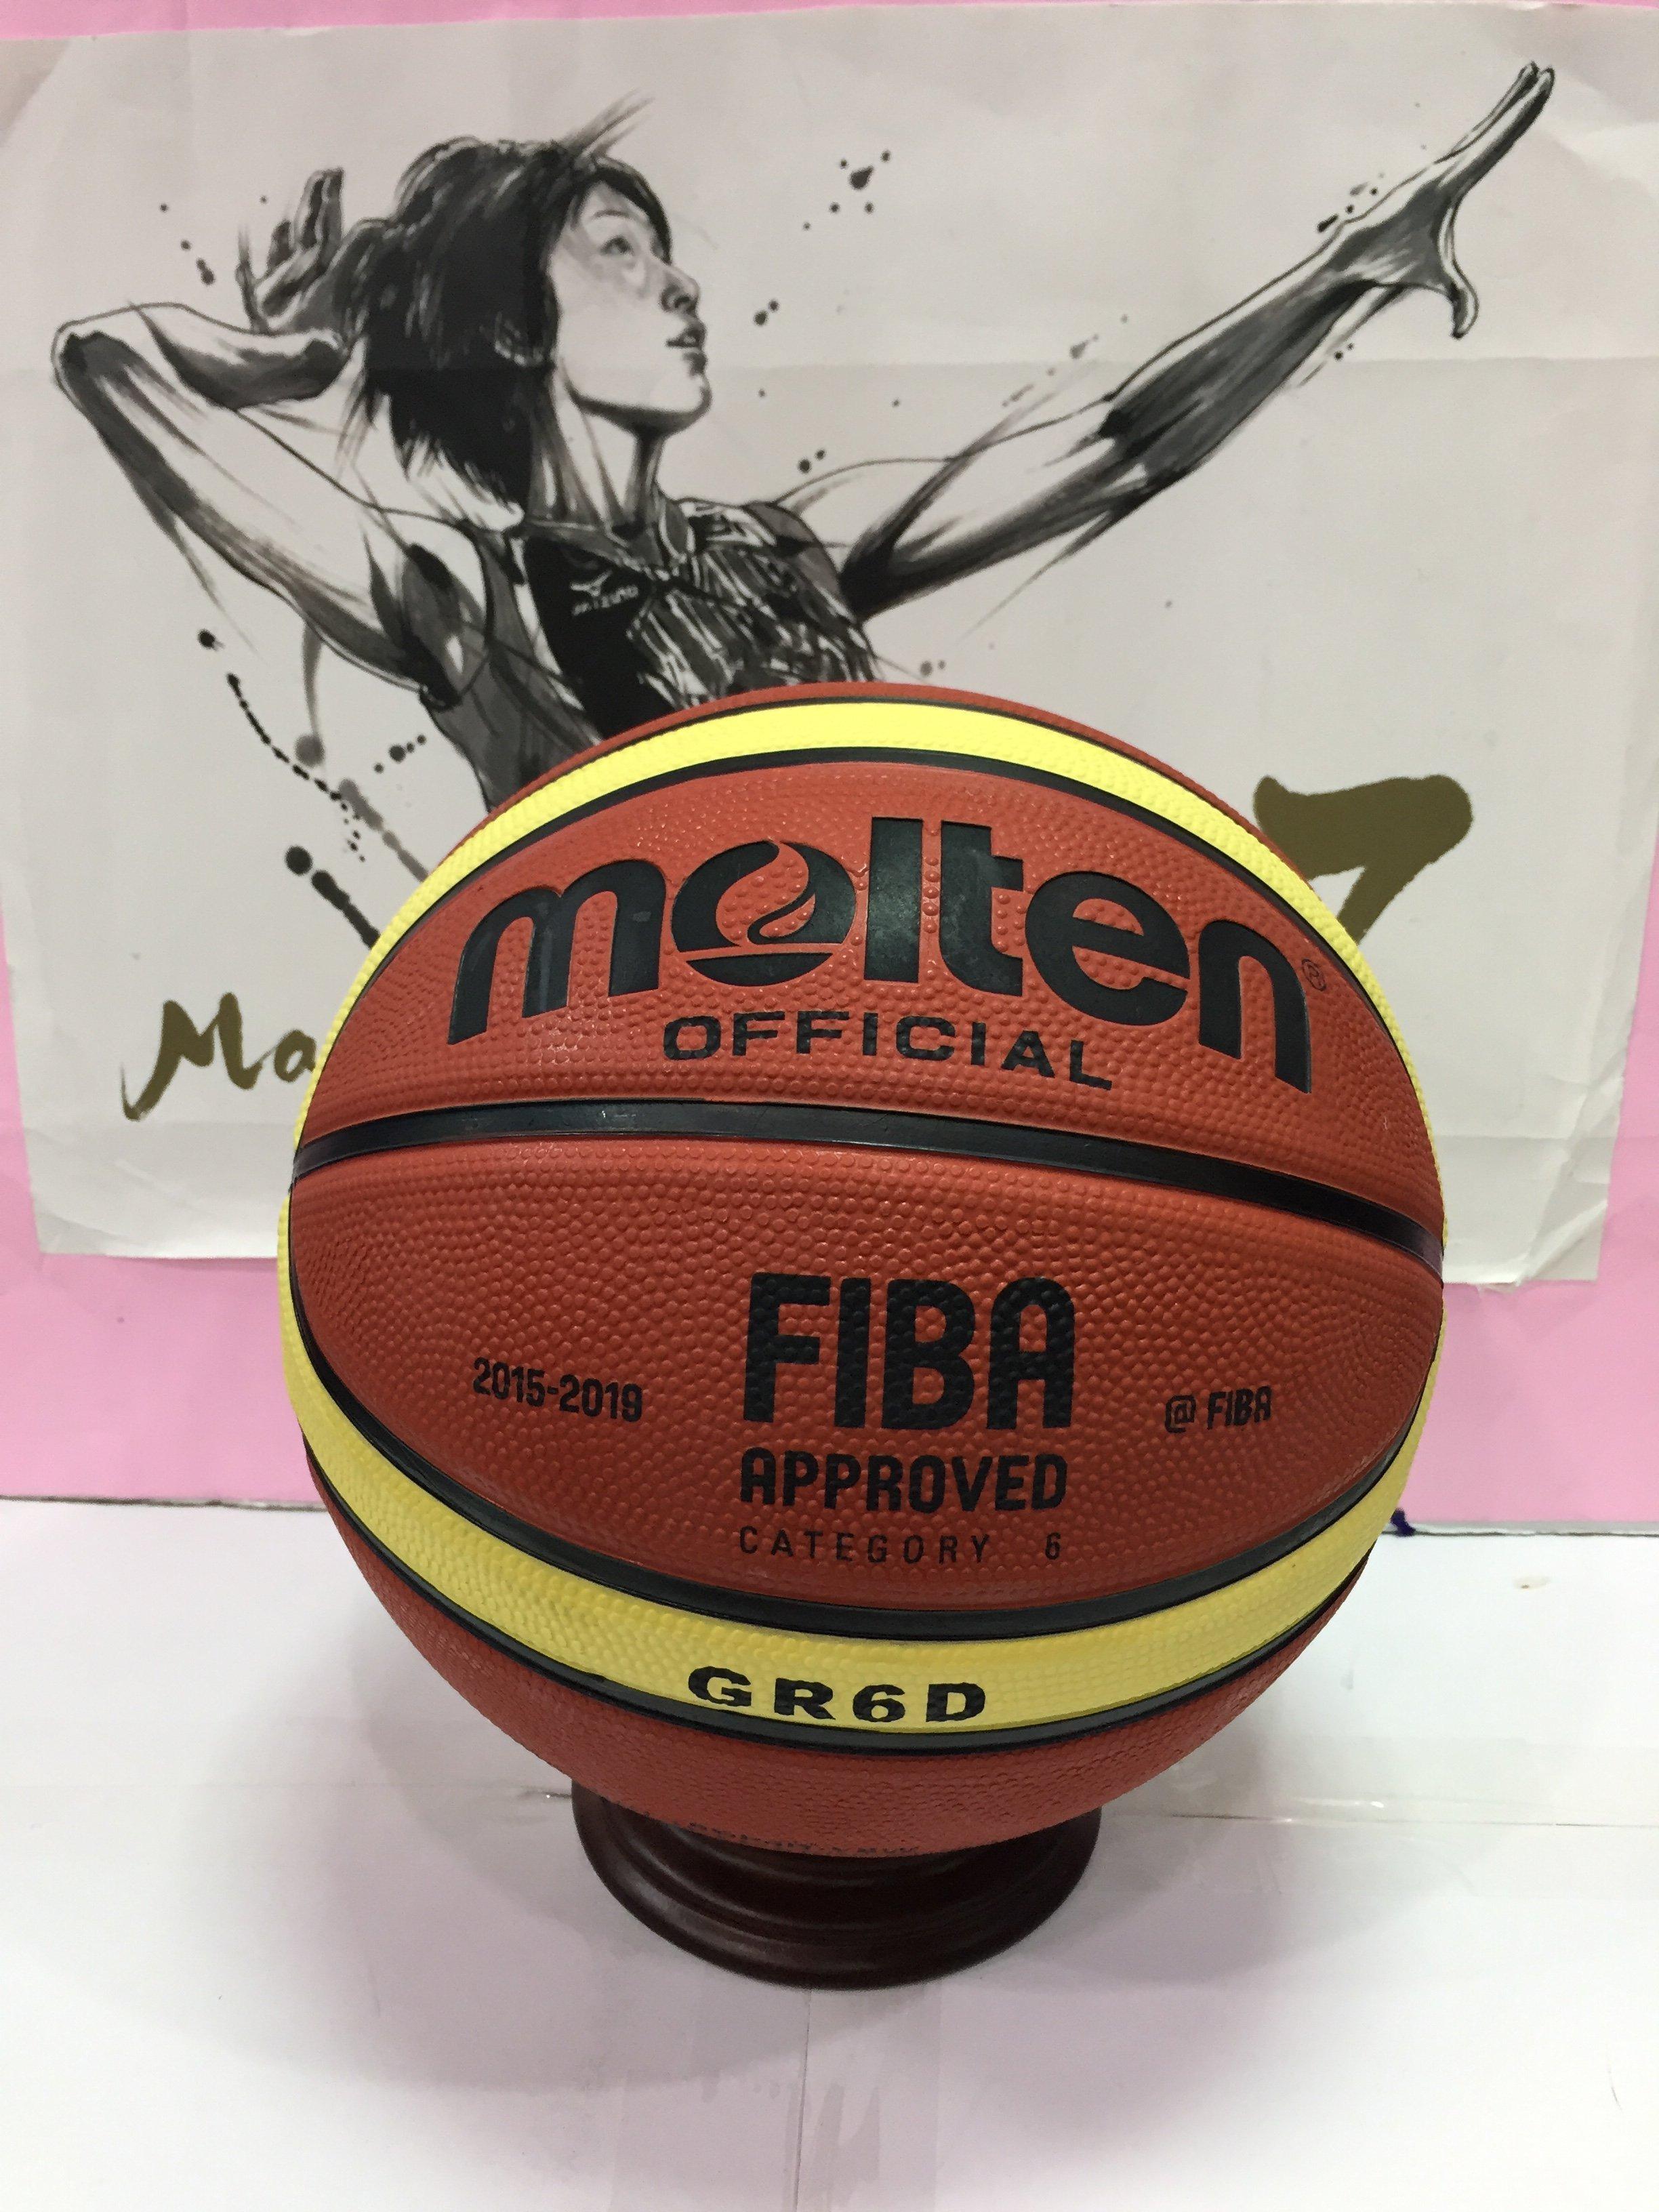 麥可籃球 MOLTEN 品牌 GR6D 6號 室外籃球 橡膠籃球 黏性強 耐用 FIBA 深棕 橘黃 女生